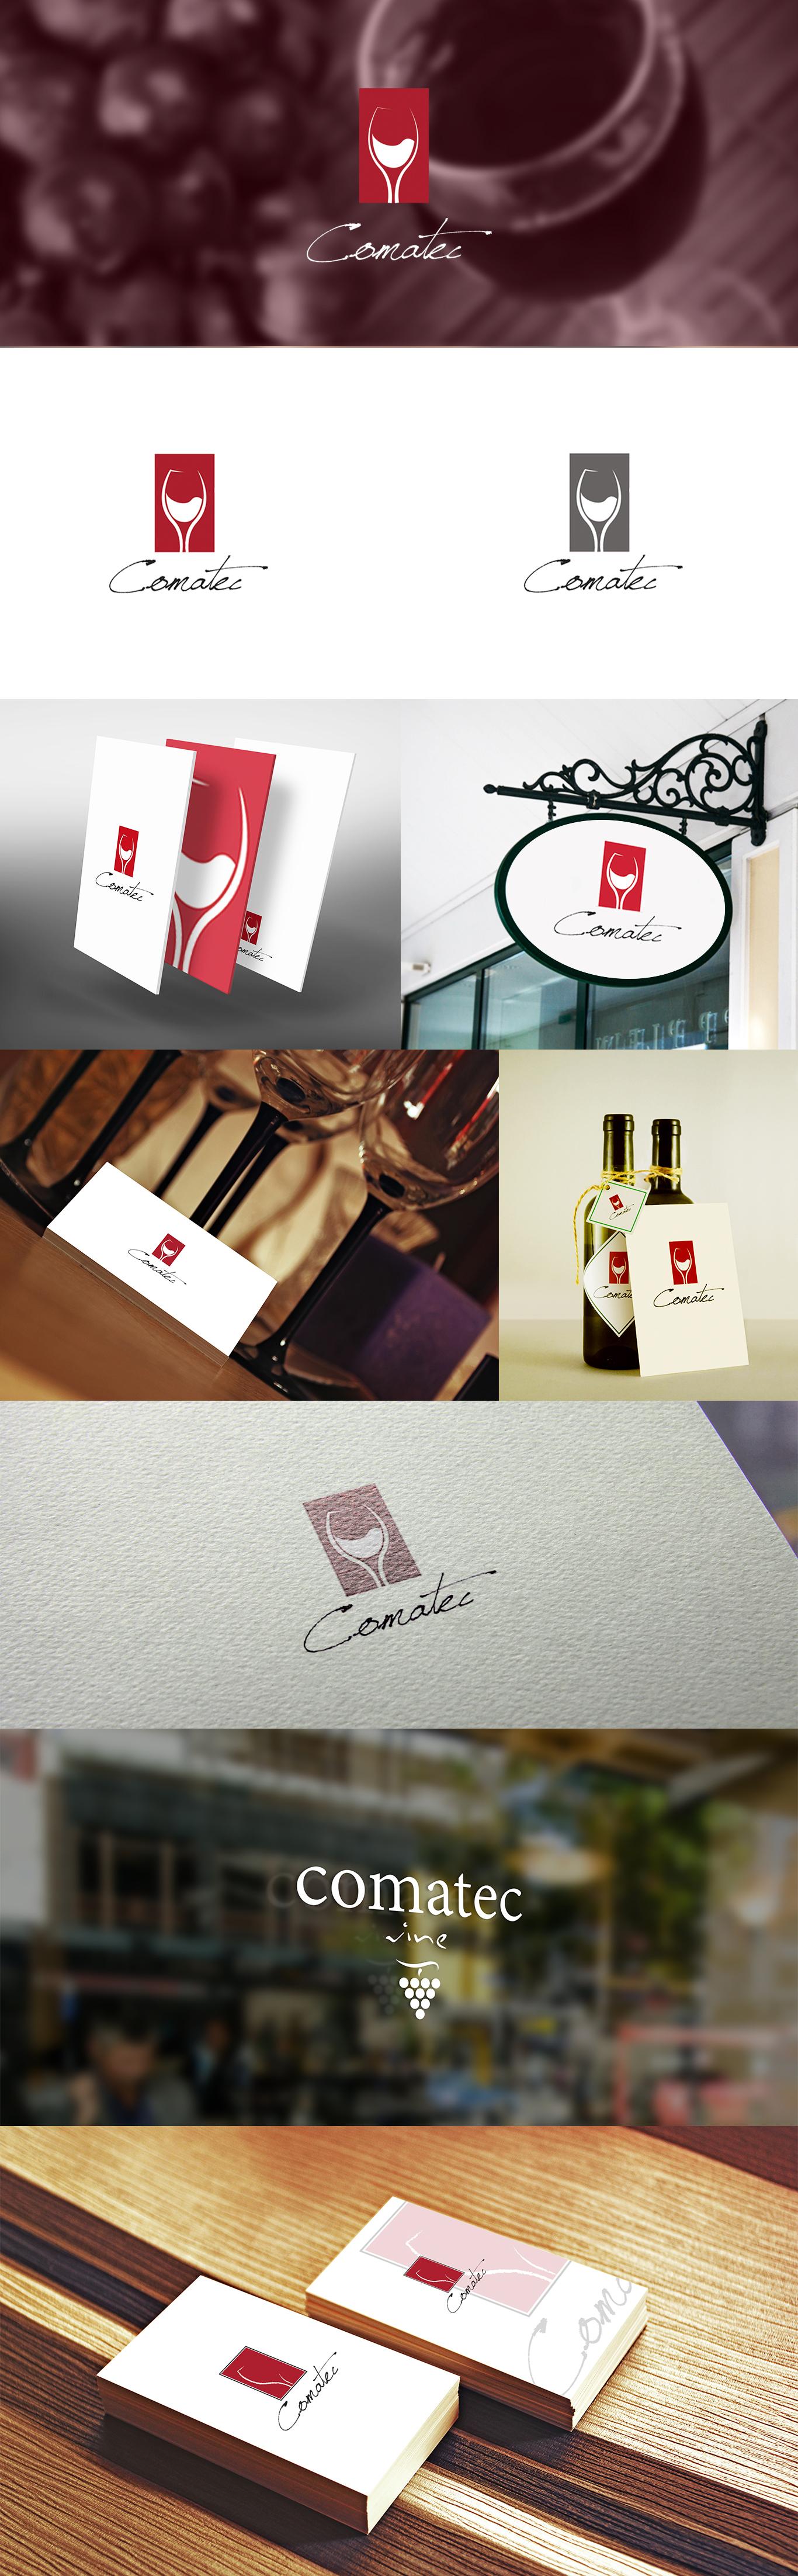 Prezentacja logotypu dla dystrybutora win ułożona w różnych kompozycjach